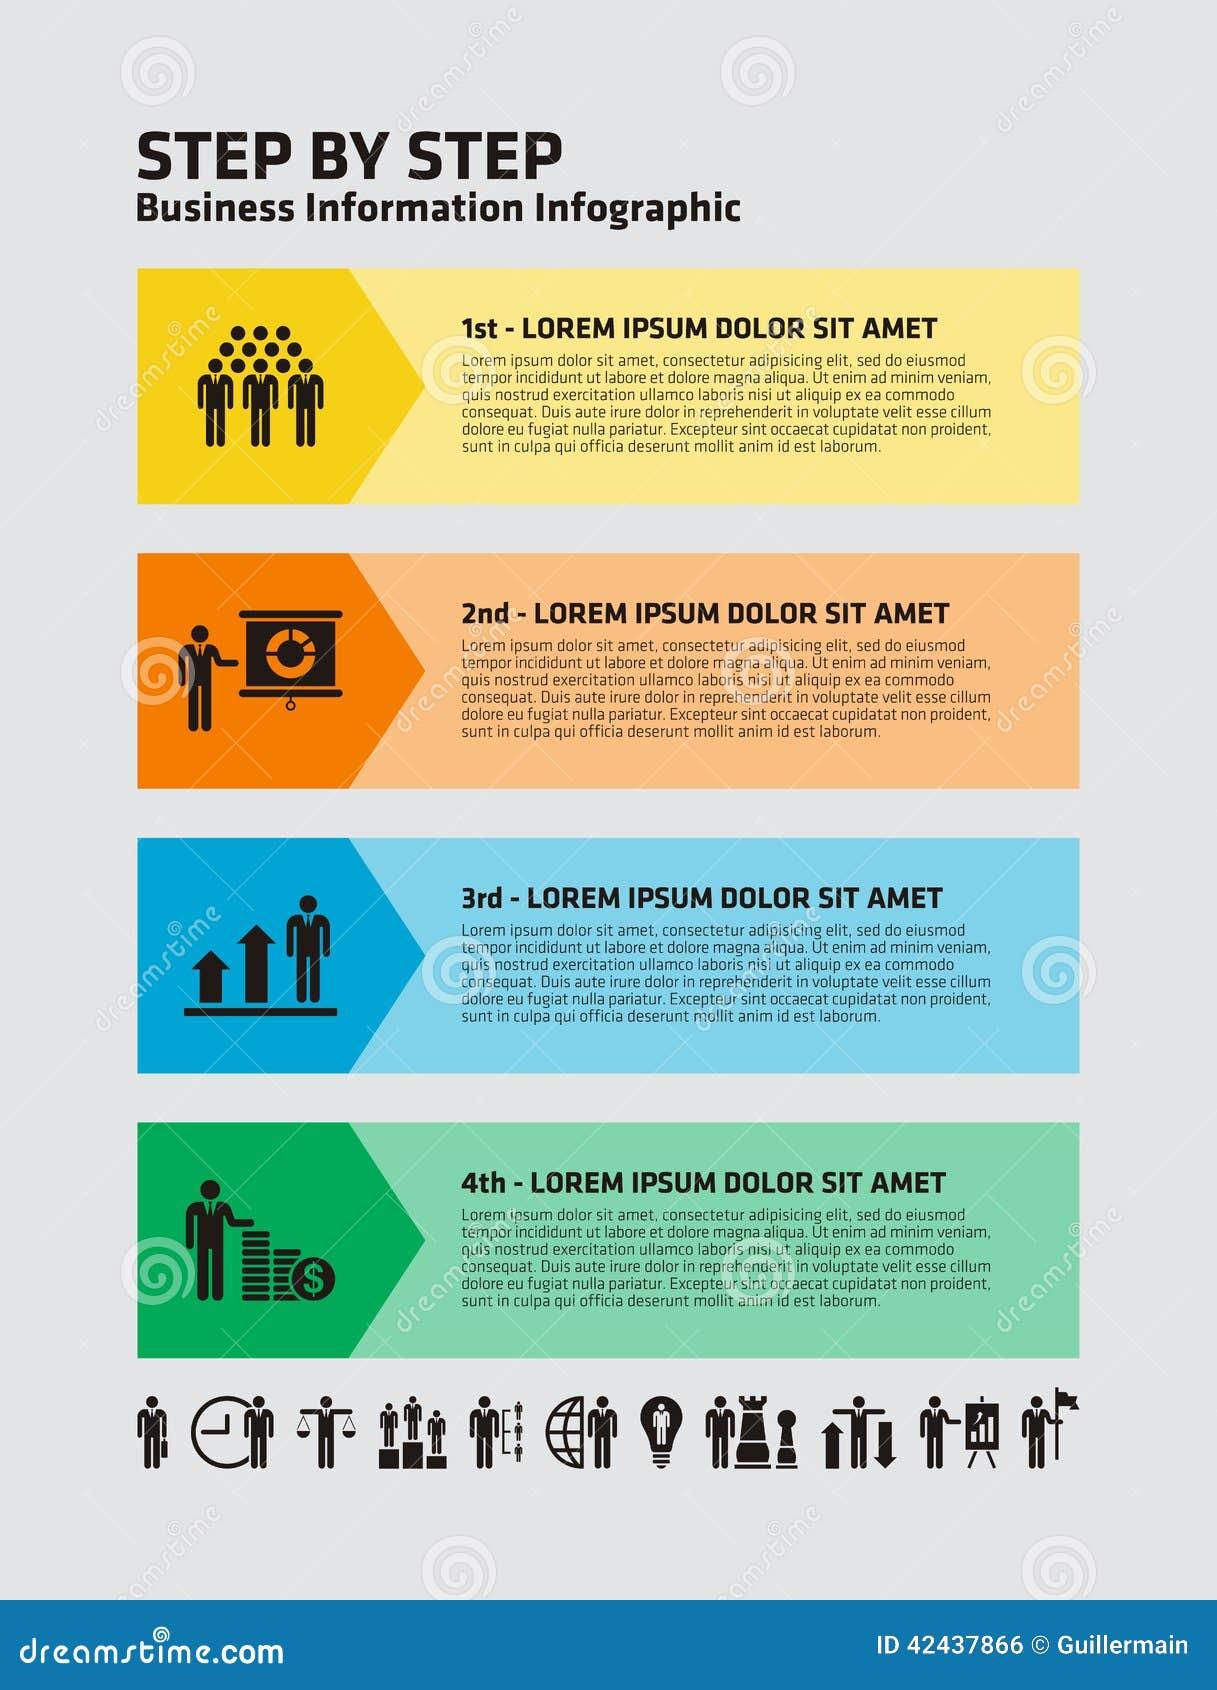 Información Infographic del negocio